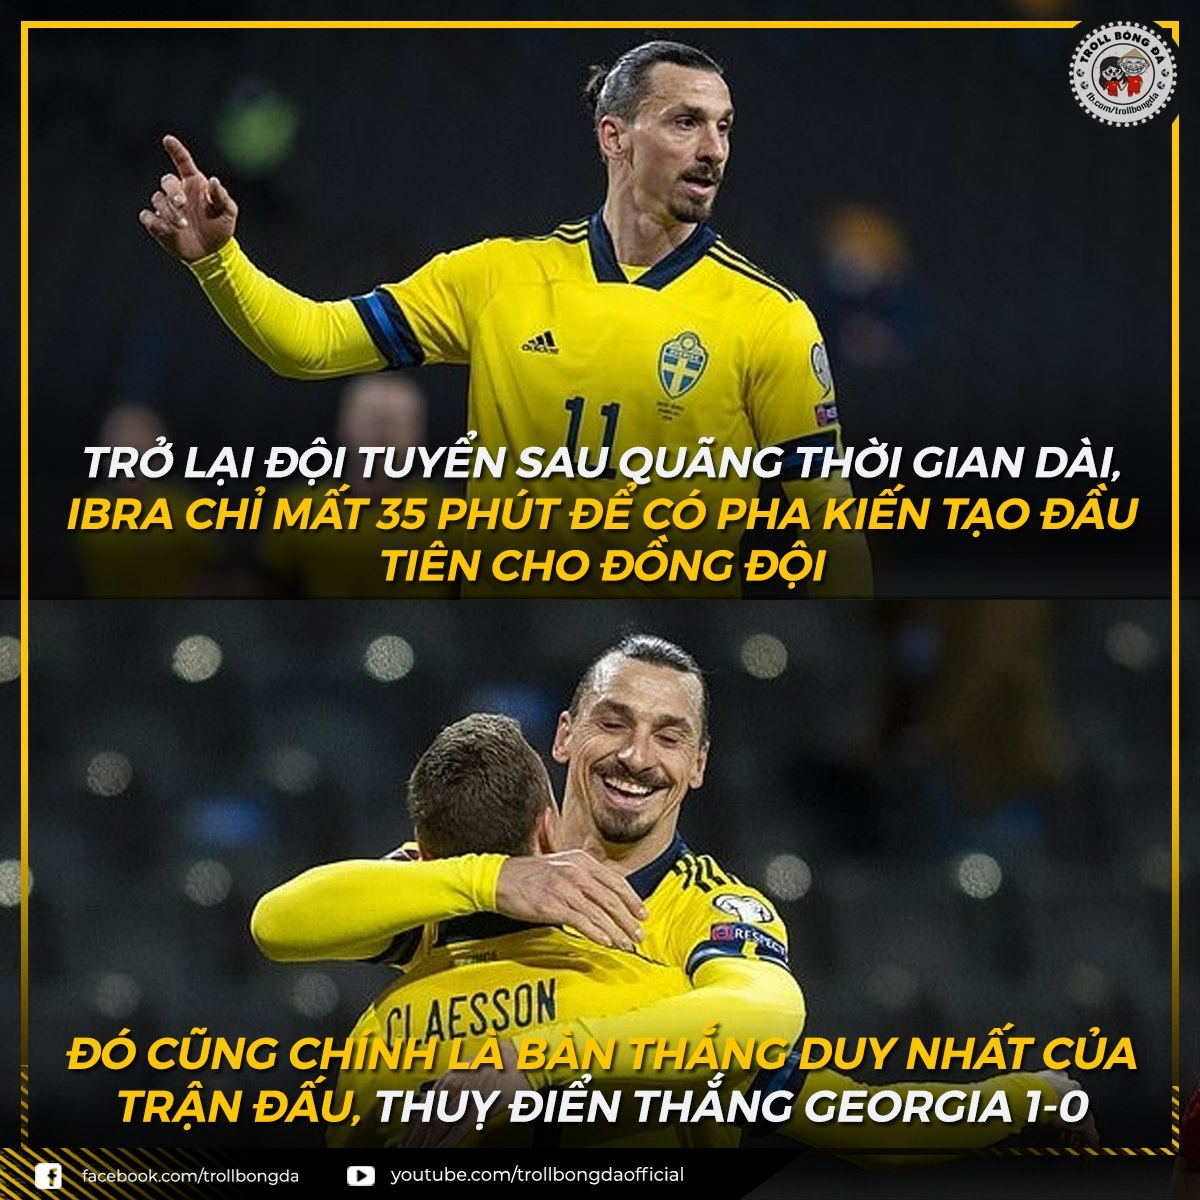 Ibrahimovic có kiến tạo ngay ngày đầu trở lại ĐT Thụy Điển sau 5 năm. (Ảnh: Troll bóng đá).